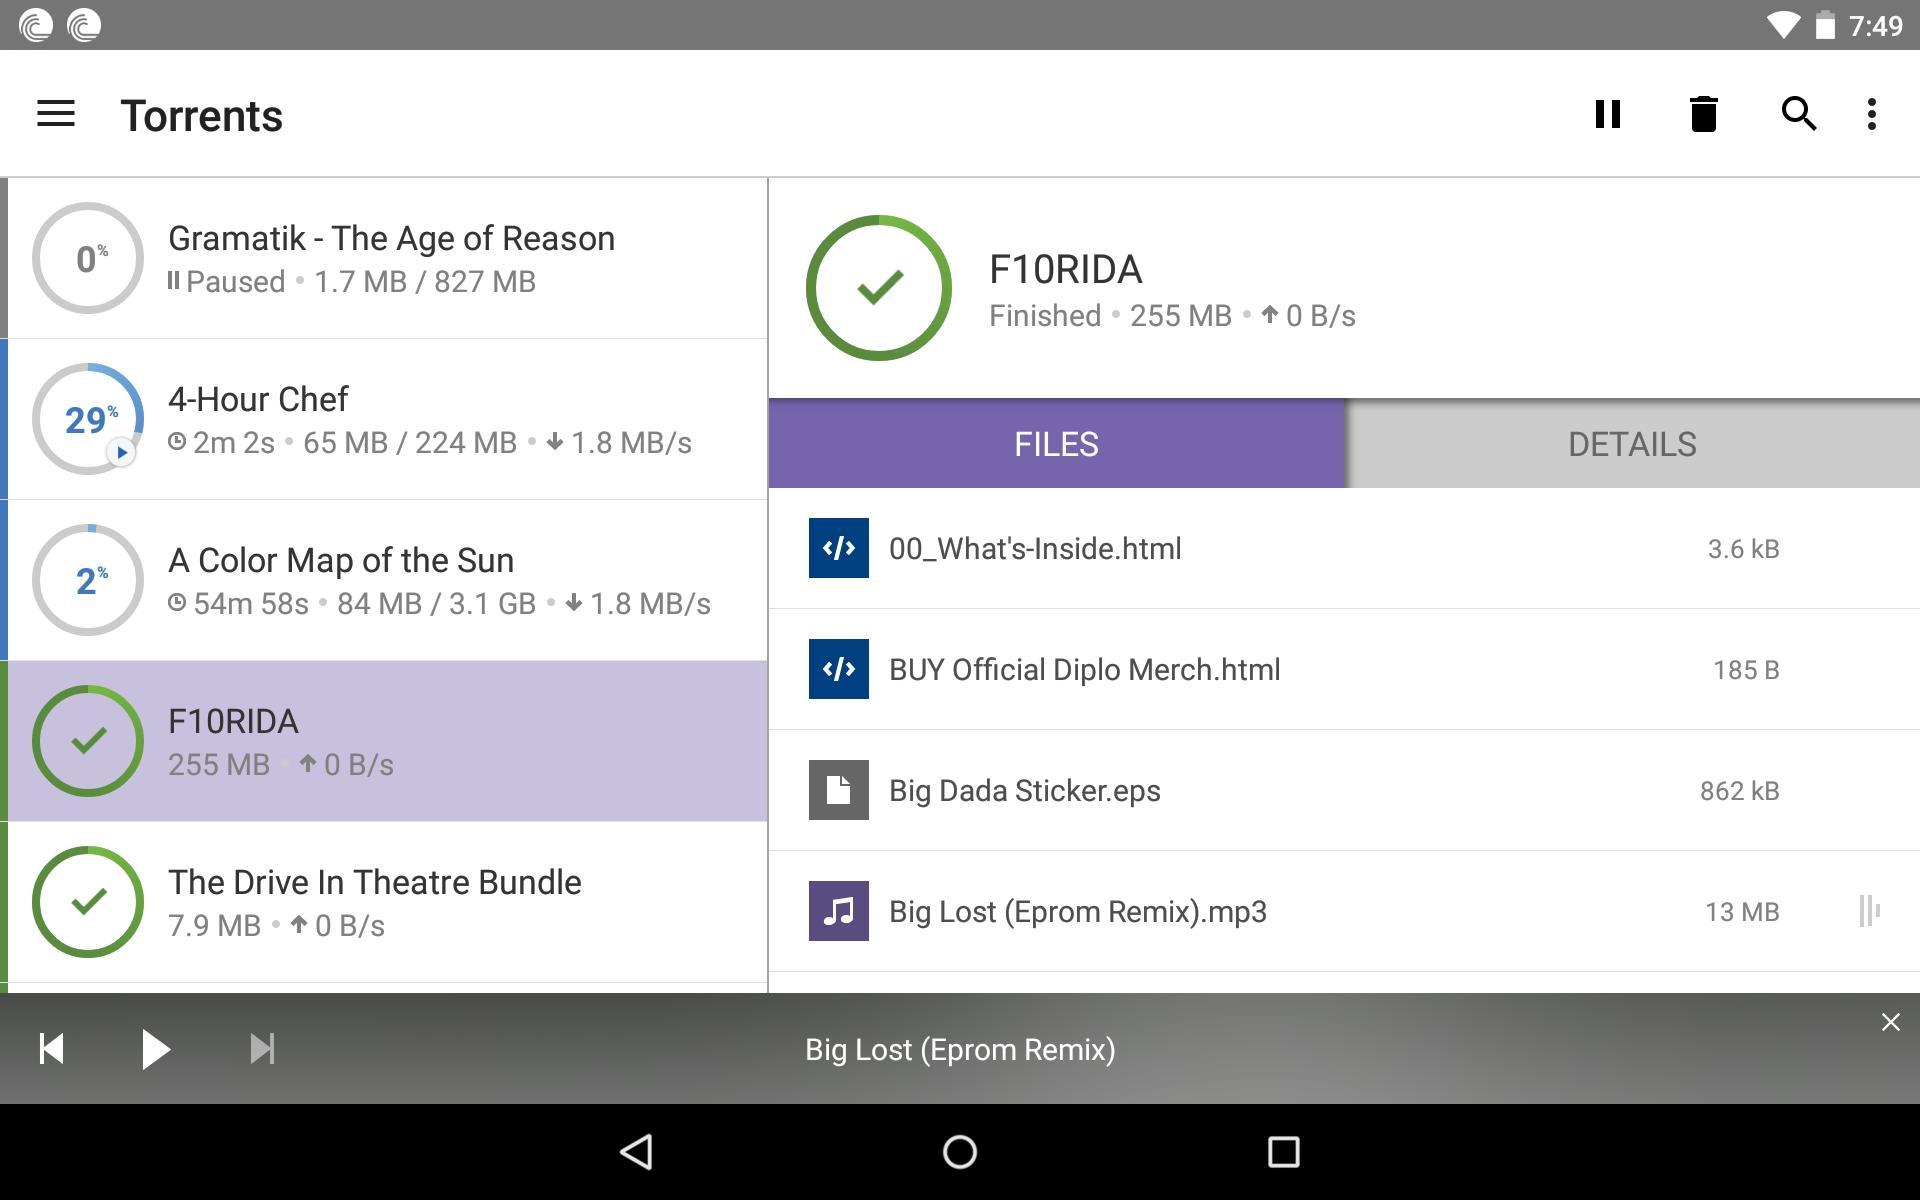 BitTorrent®- Torrent Downloads 6.1.7 Screenshot 6